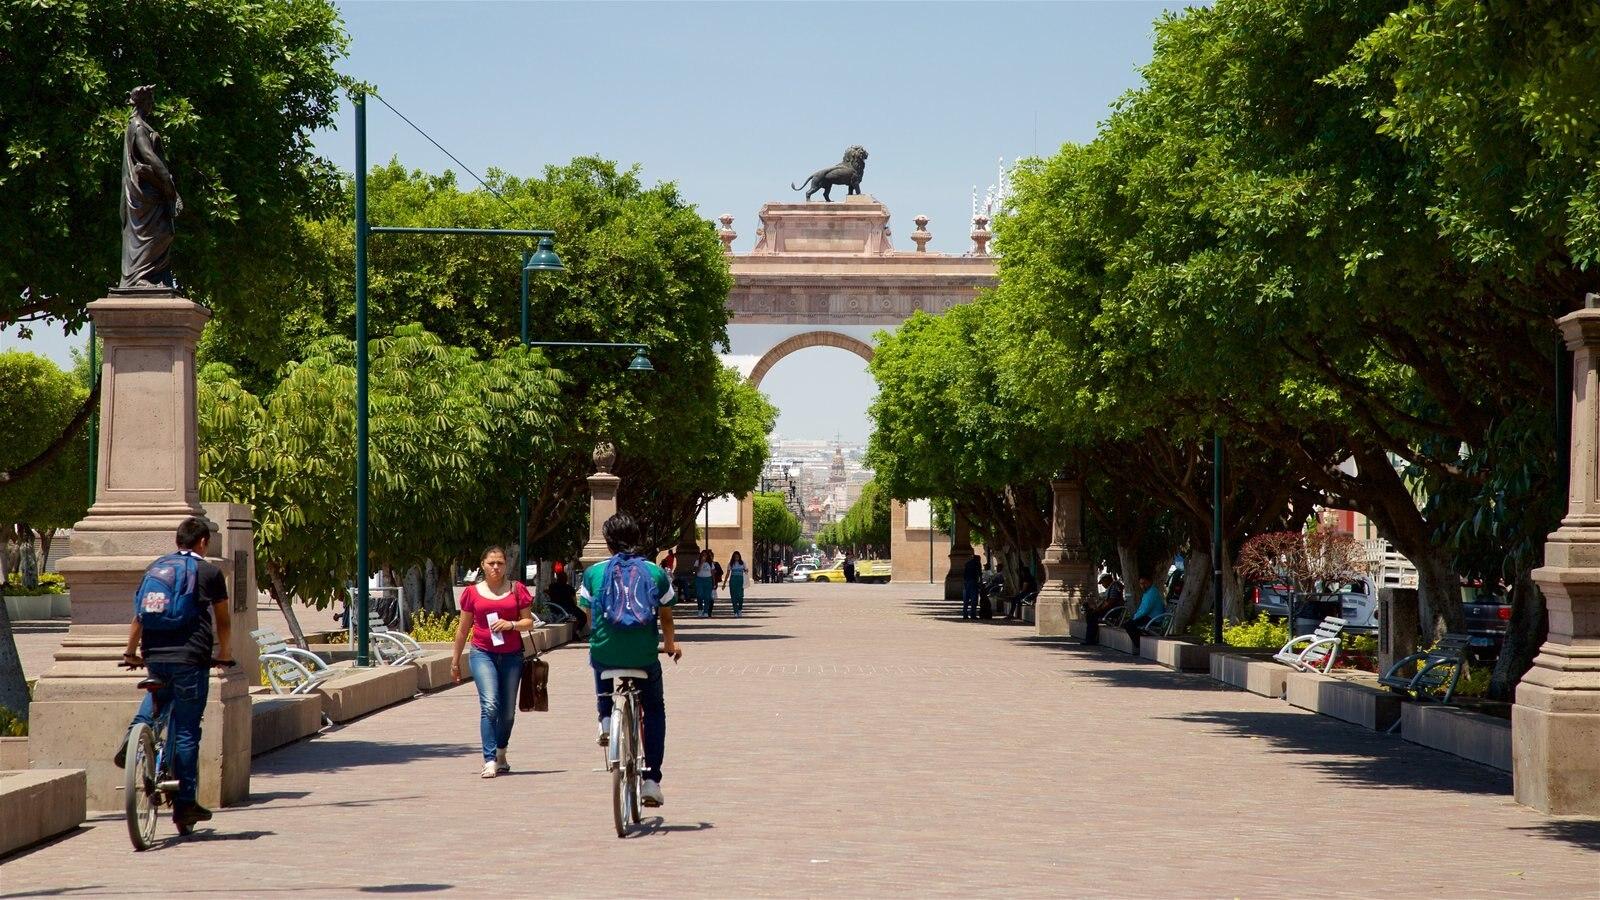 Fotos de Histórico: Ver imágenes de Arco Triunfal Calzada de los ...